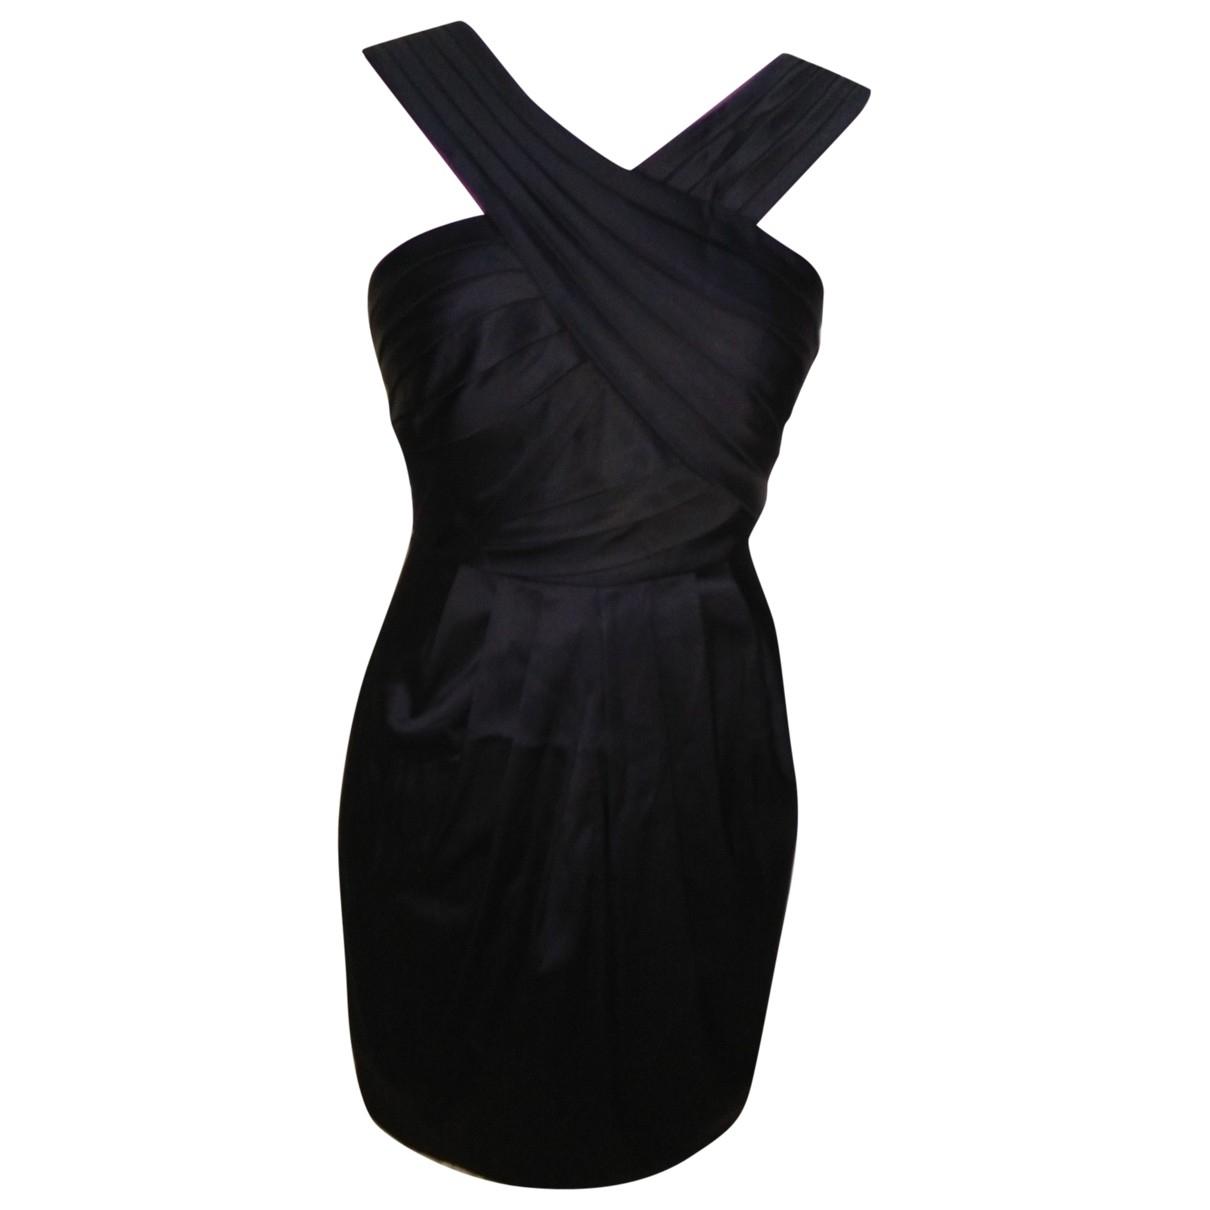 Bcbg Max Azria \N Kleid in  Schwarz Synthetik